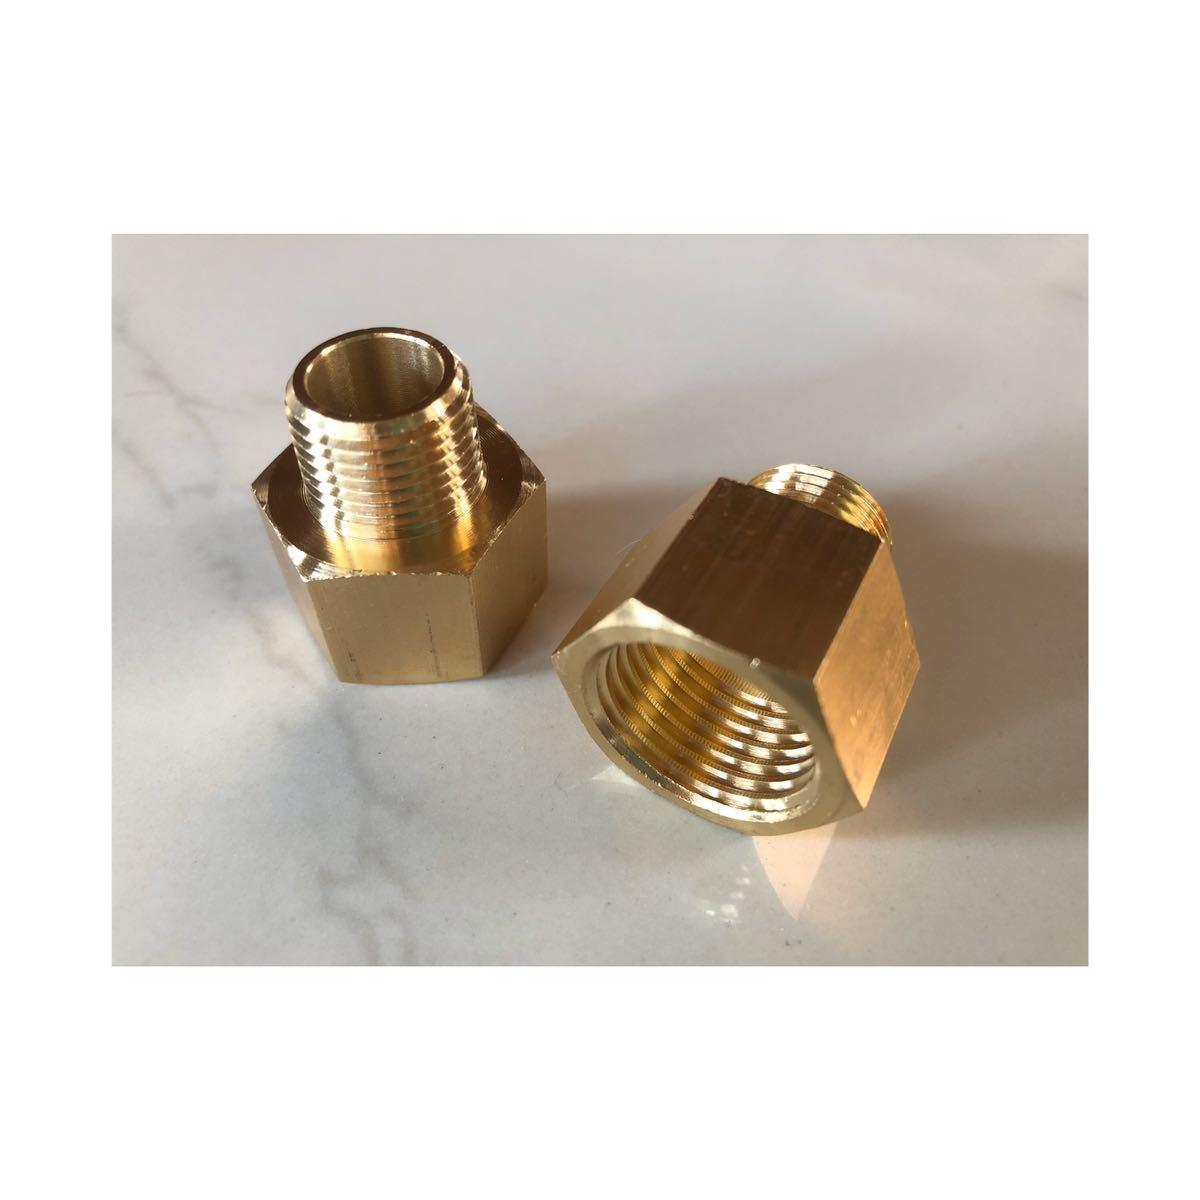 新品KOHLER、GROHE水栓用アダプター (日本仕様への継手)G3/8→1/2 水栓末端ナット内径約16mmに適合!_画像1